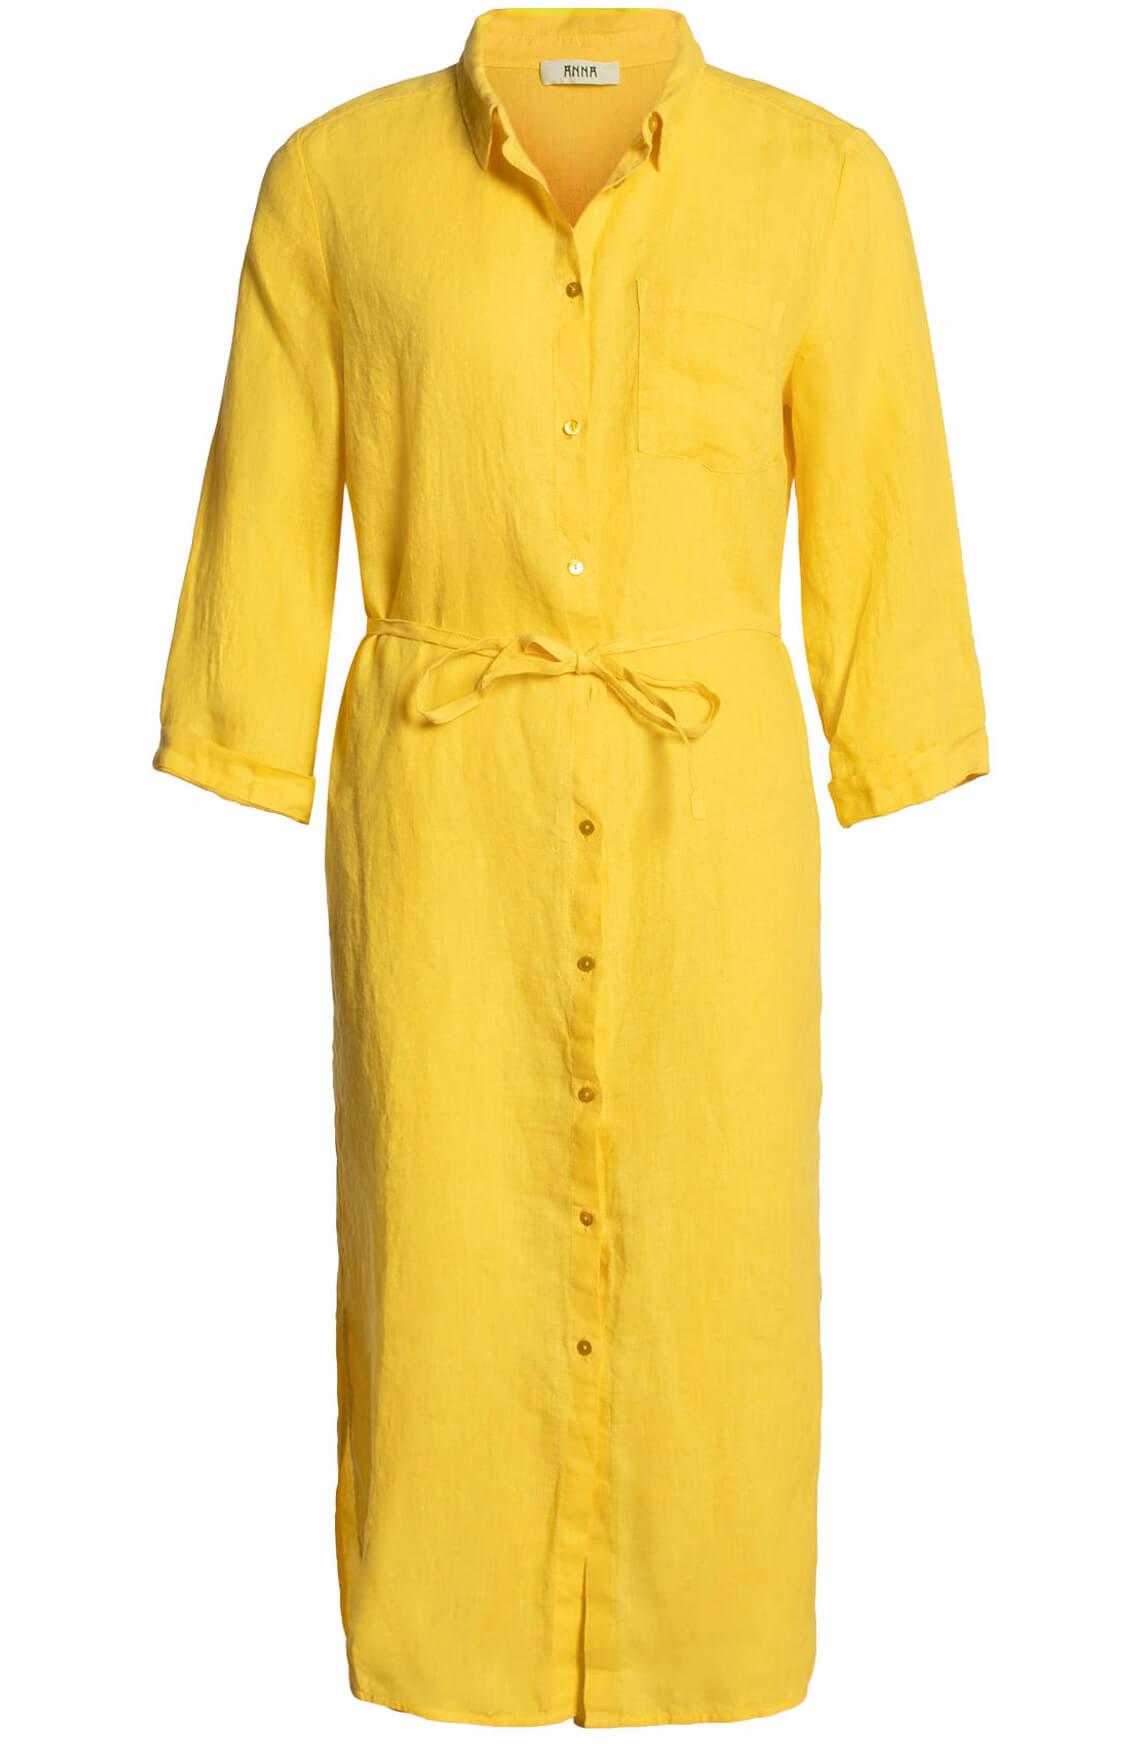 Anna Dames Linnen jurk geel